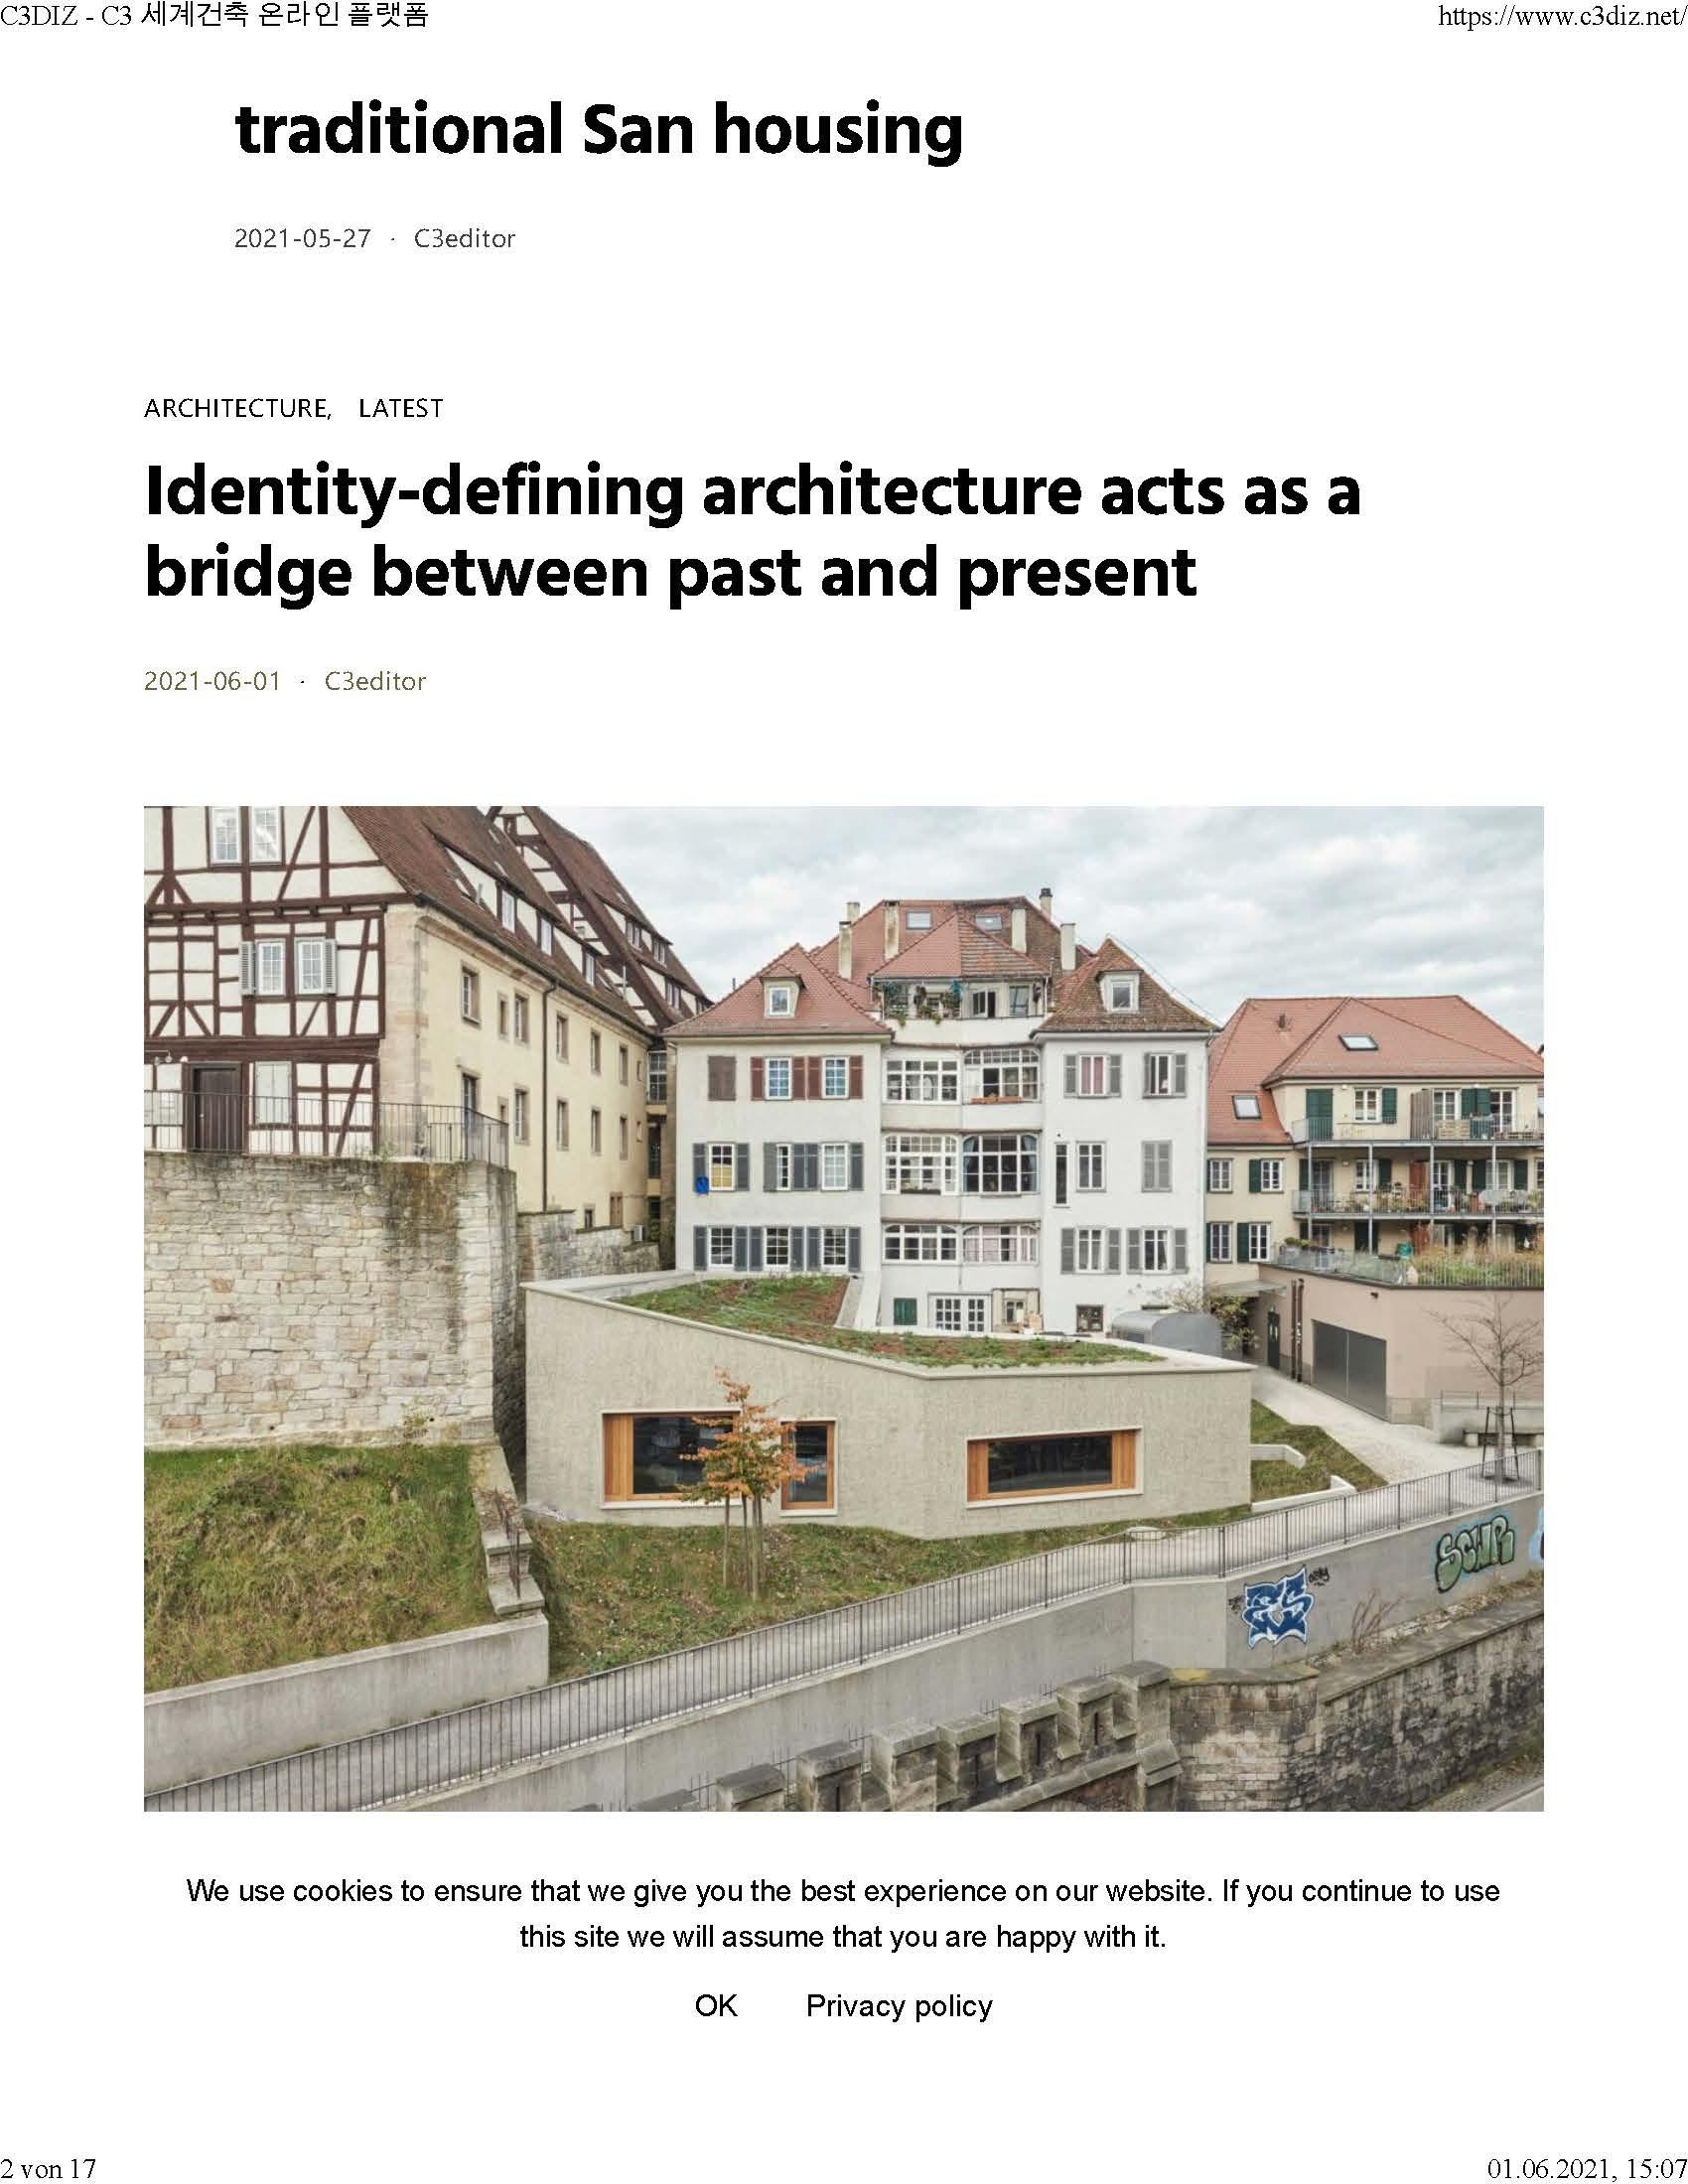 Veröffentlichung  Anbau und Umbau Wohn- und Geschäftsgebäude in Tübingen auf der koreanischen Architekturplattform C3DIZ ({project_images:field_row_count})